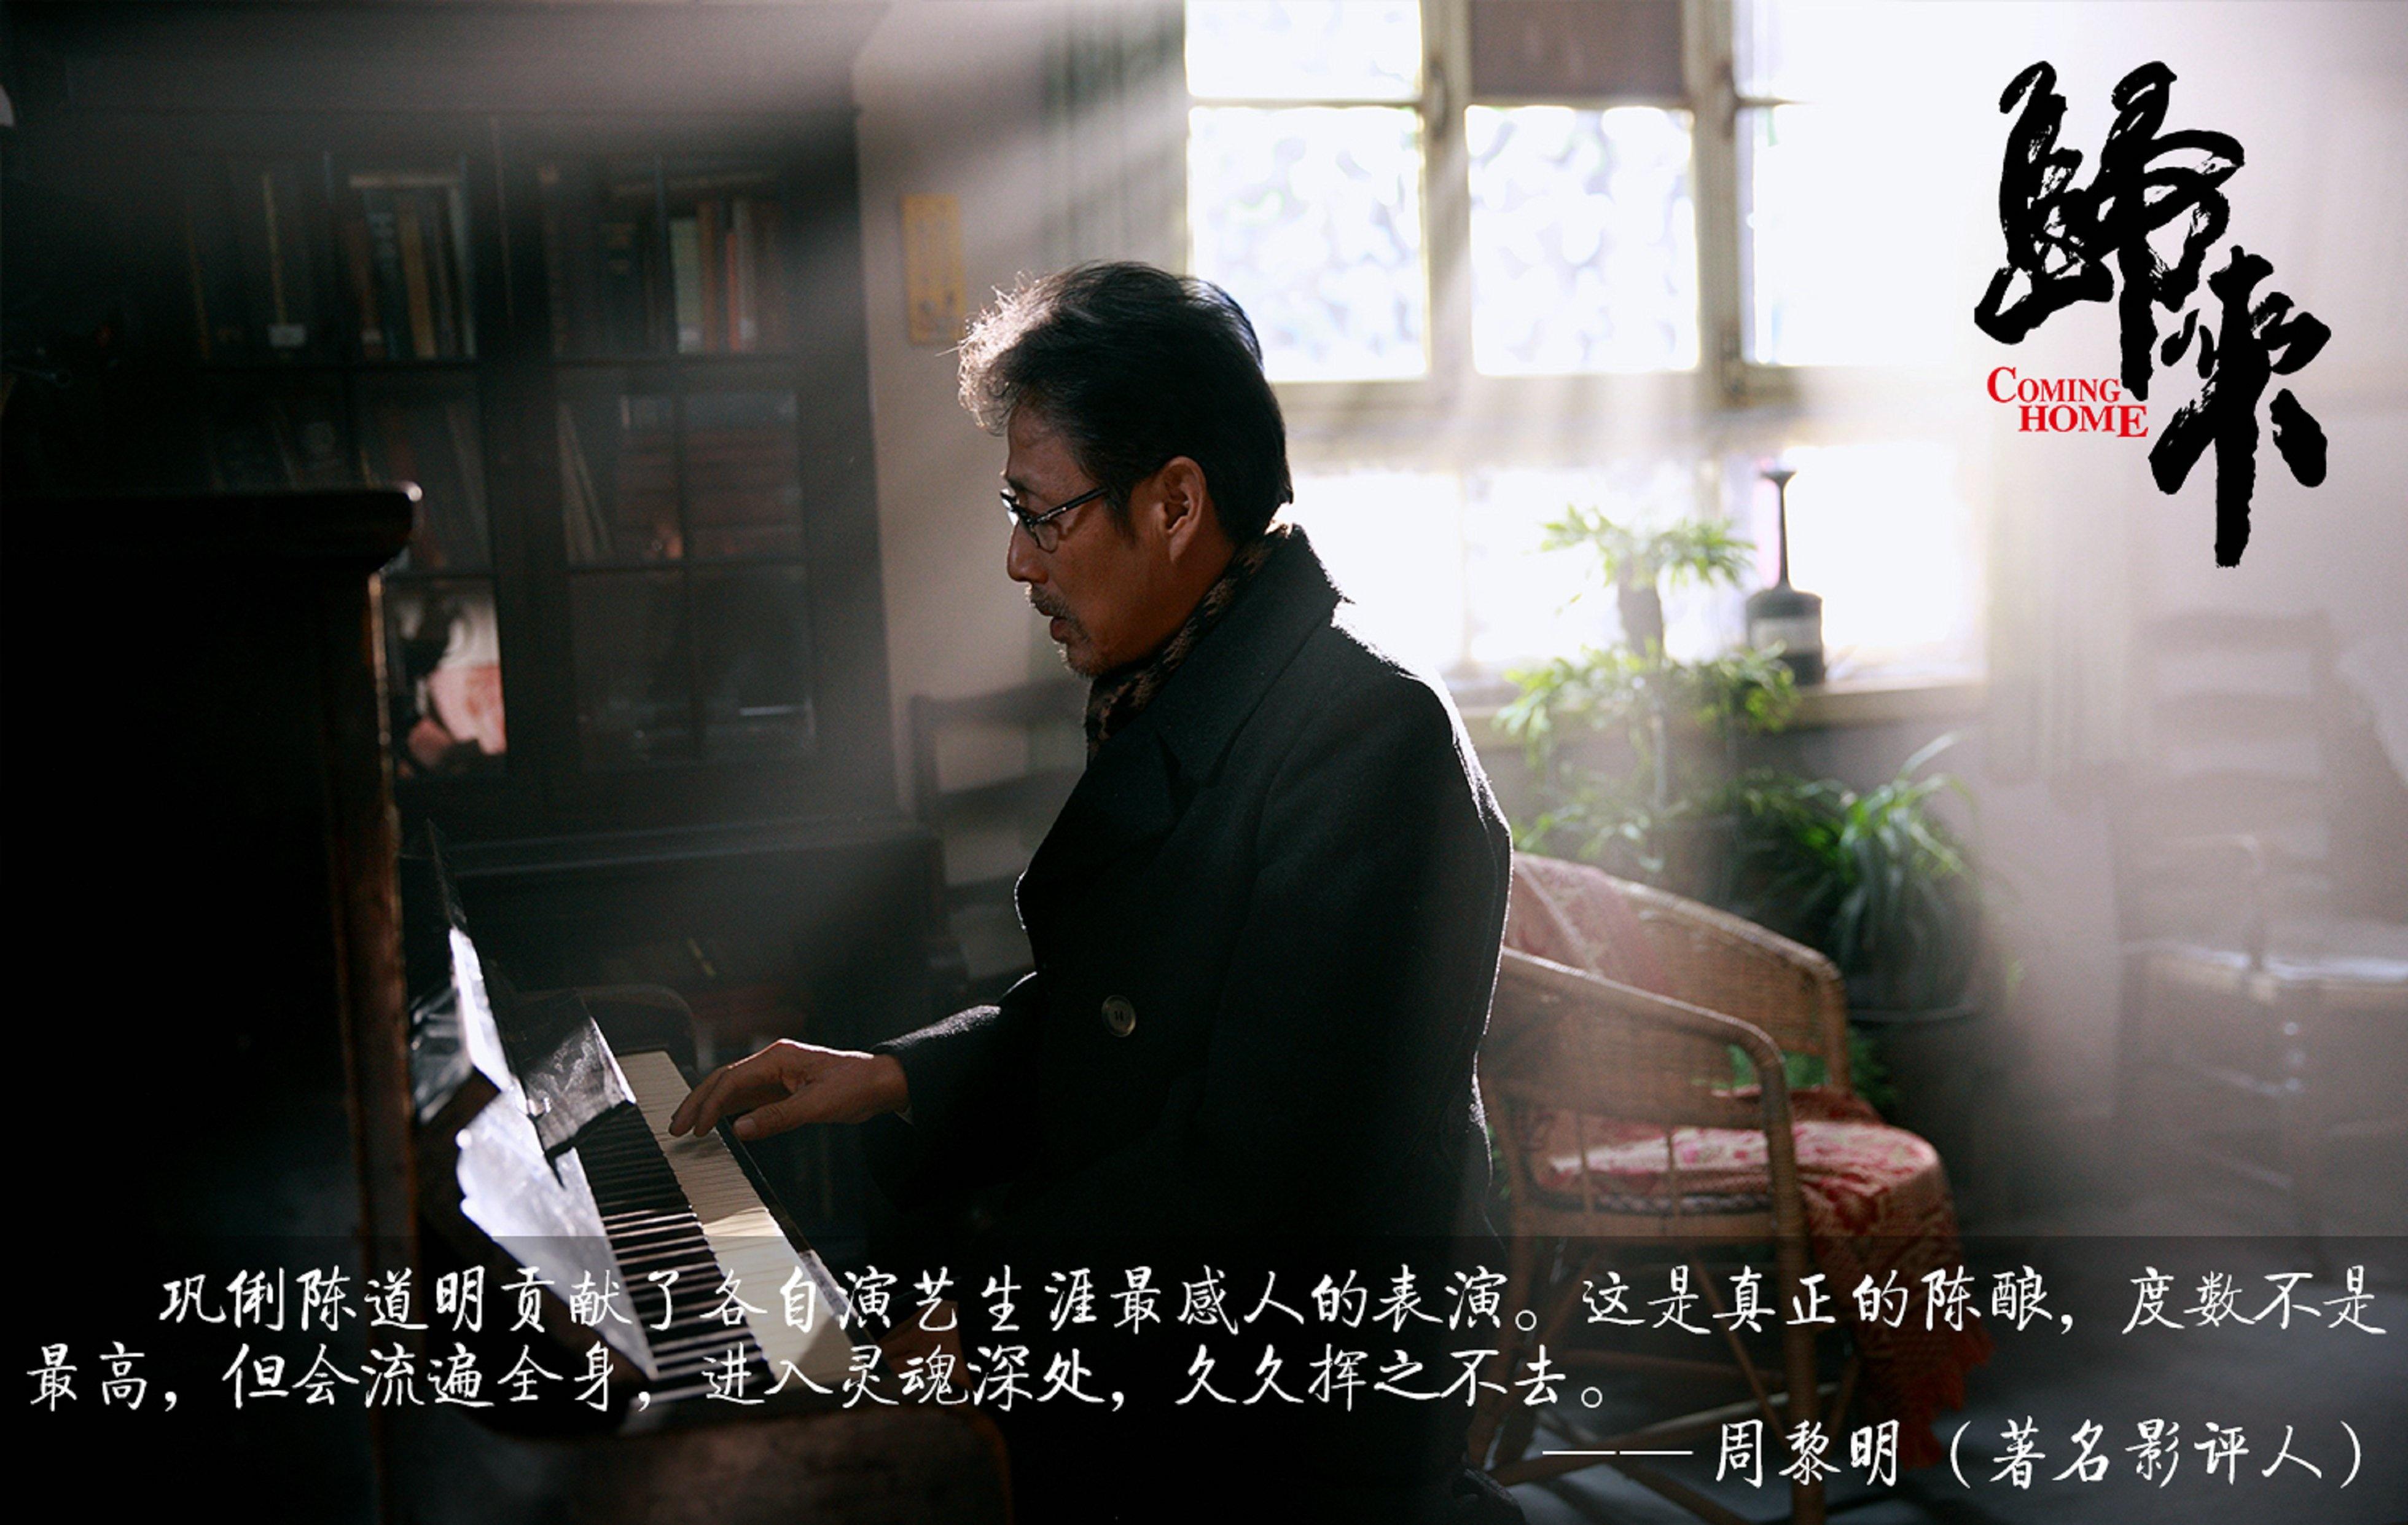 归来_电影剧照_图集_电影网_1905.com